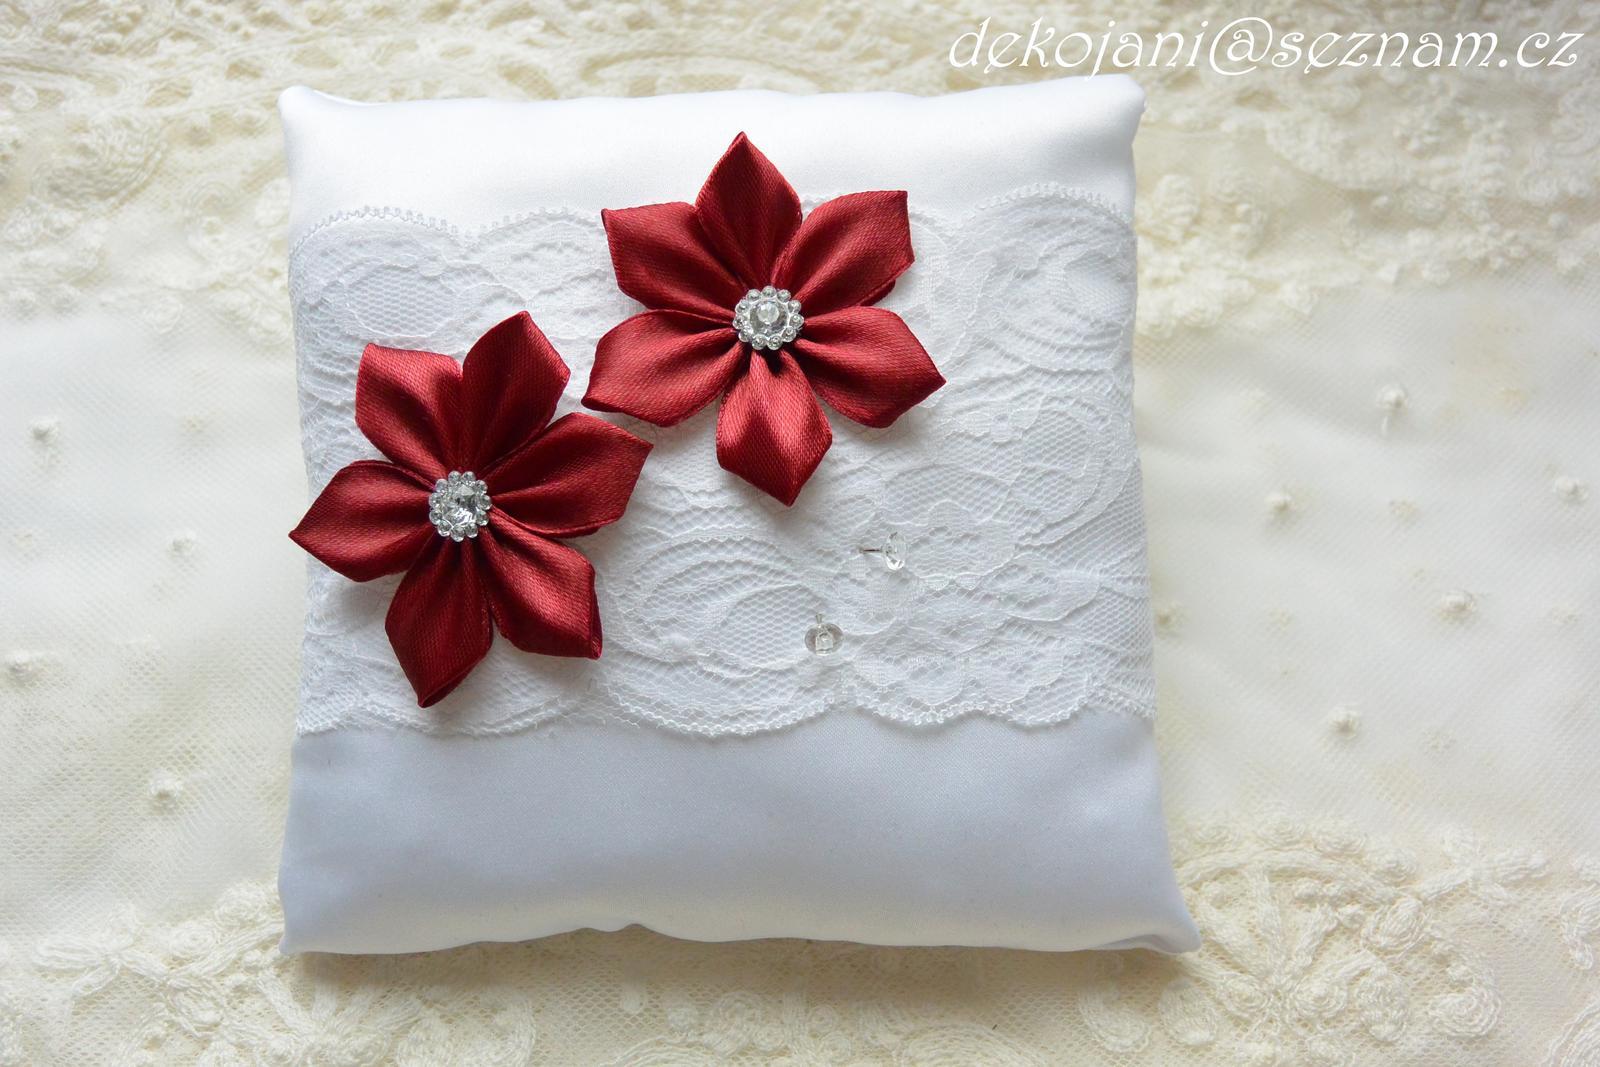 Svatební polštářek- barva květin na přání - Obrázek č. 1